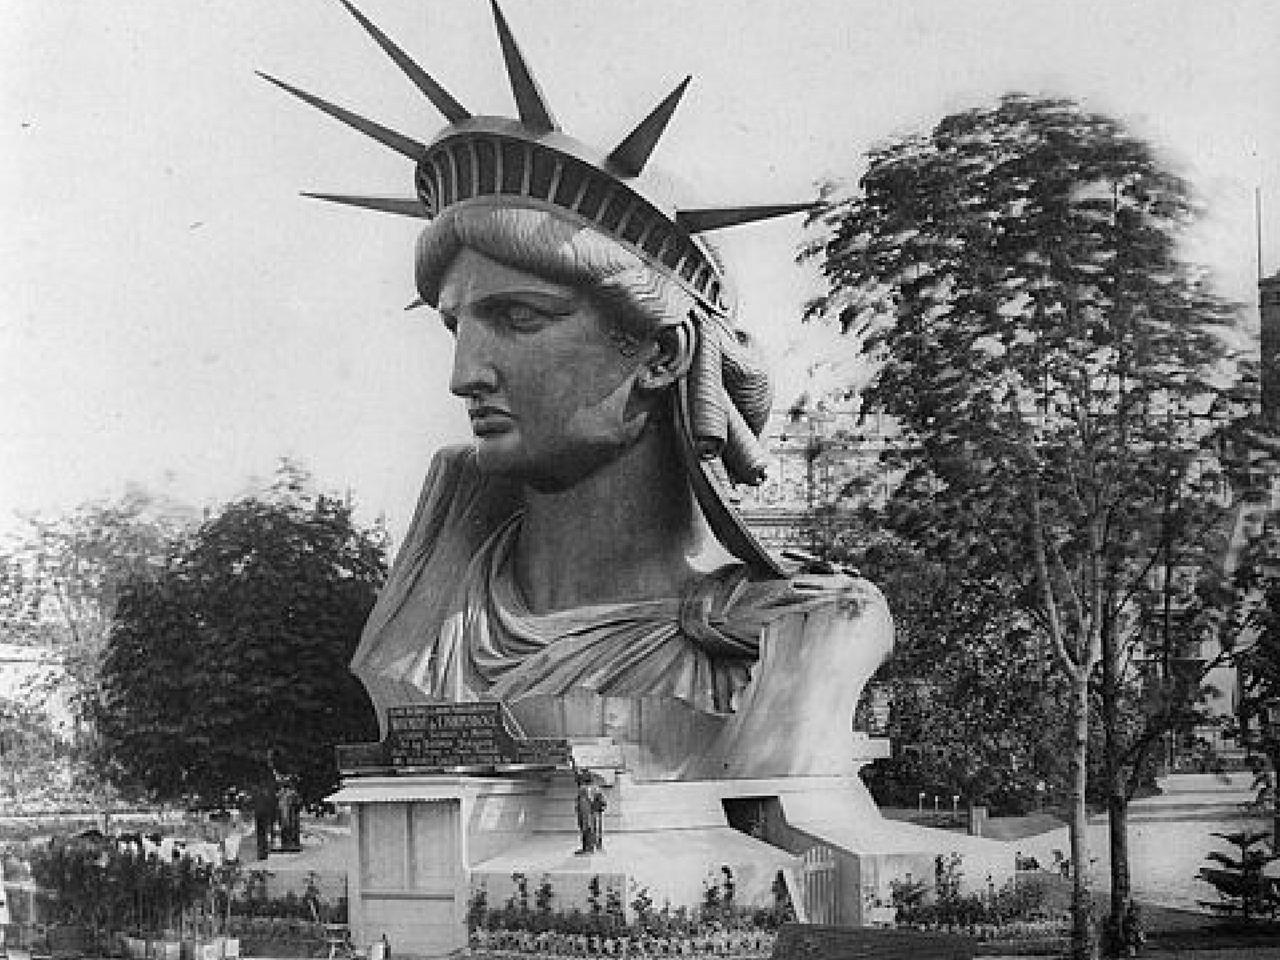 Estatua de la libertad historia ubicaci n c mo llegar for Interior estatua de la libertad